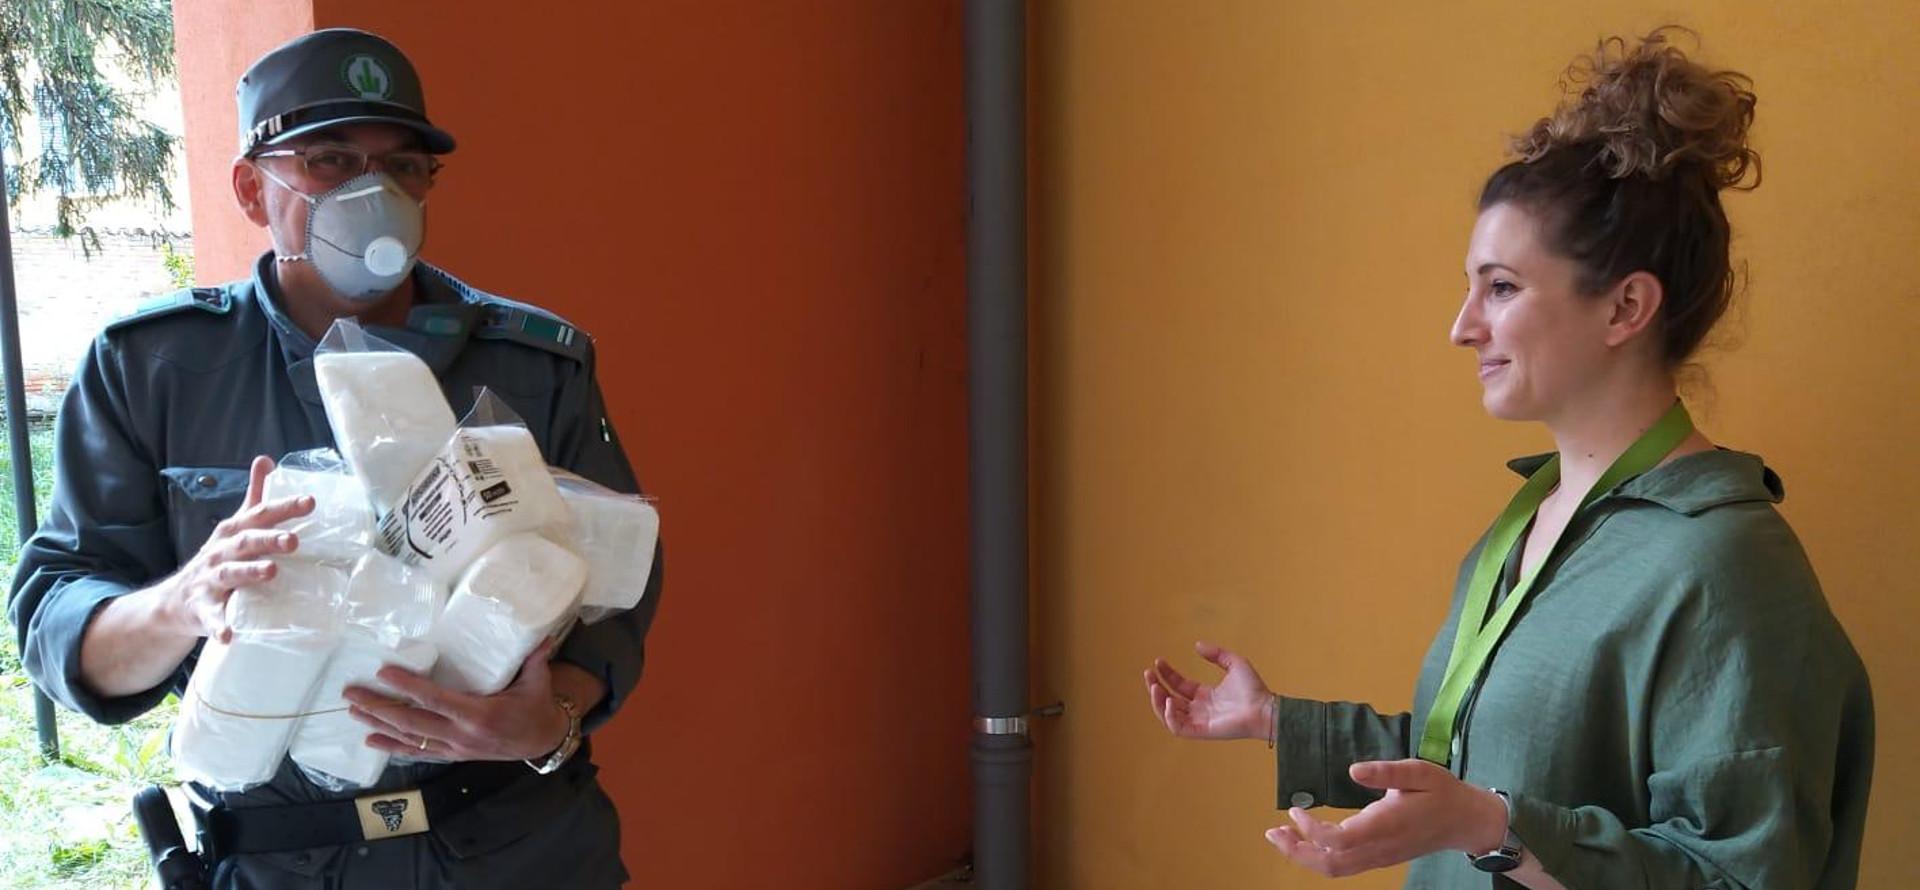 Consegna delle mascherine da parte della Polizia metropolitana